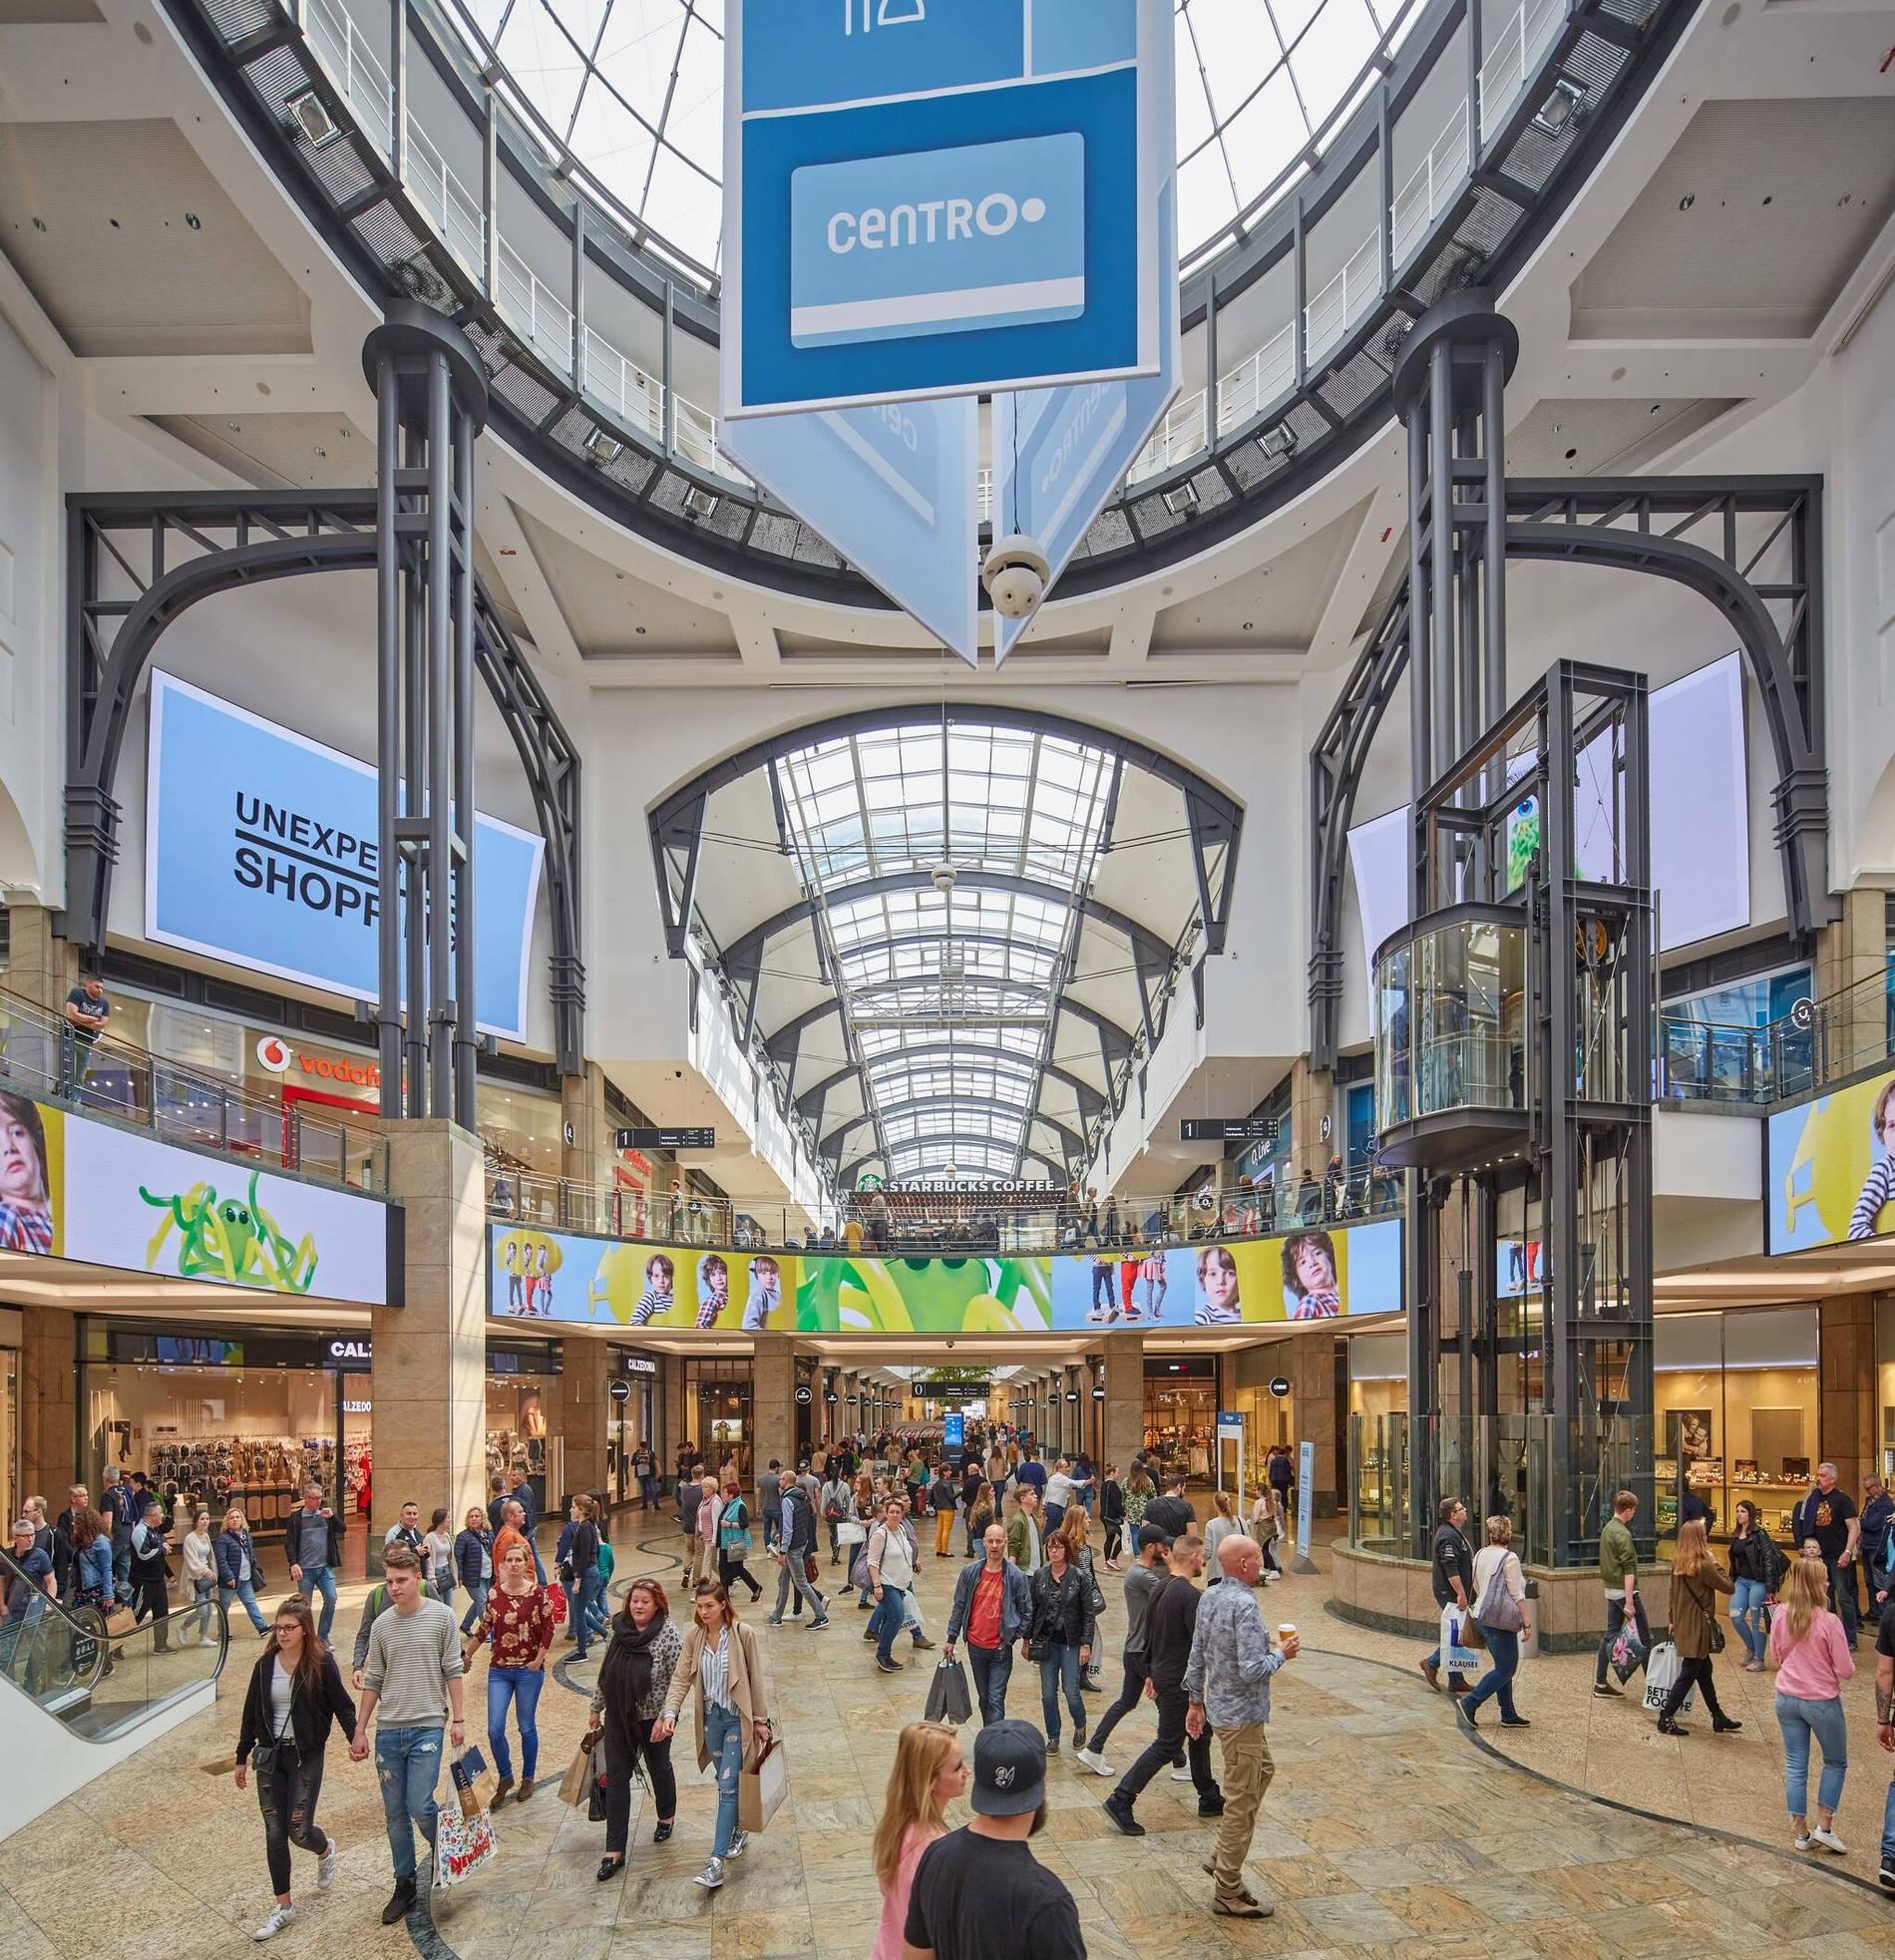 ca2b1bc81313 Centro Oberhausen: Einkaufszentrum soll angeblich neuen Namen bekommen